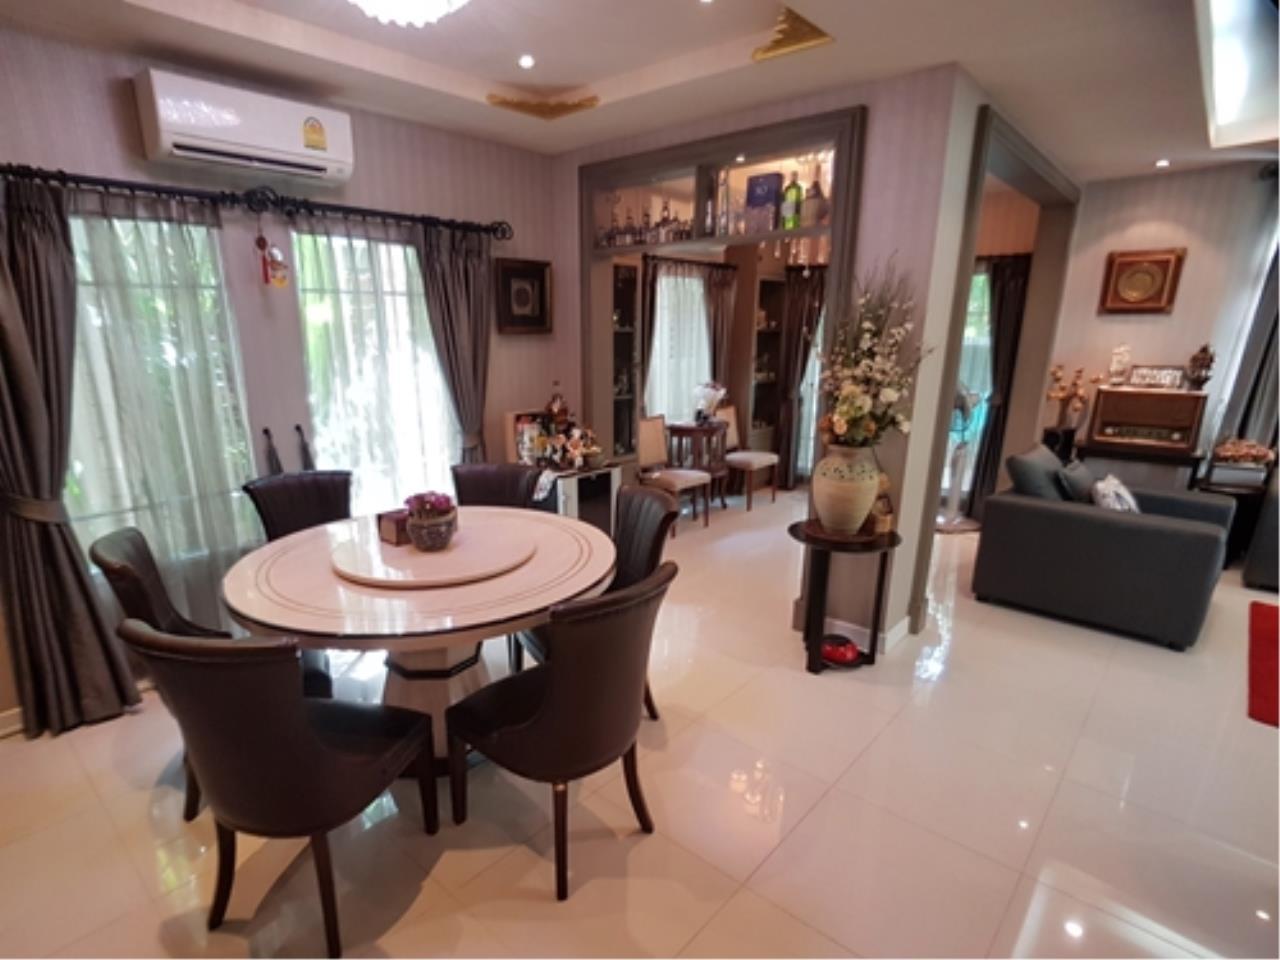 ขายบ้าน สายไหม กรุงเทพมหานคร, ภาพที่ 5